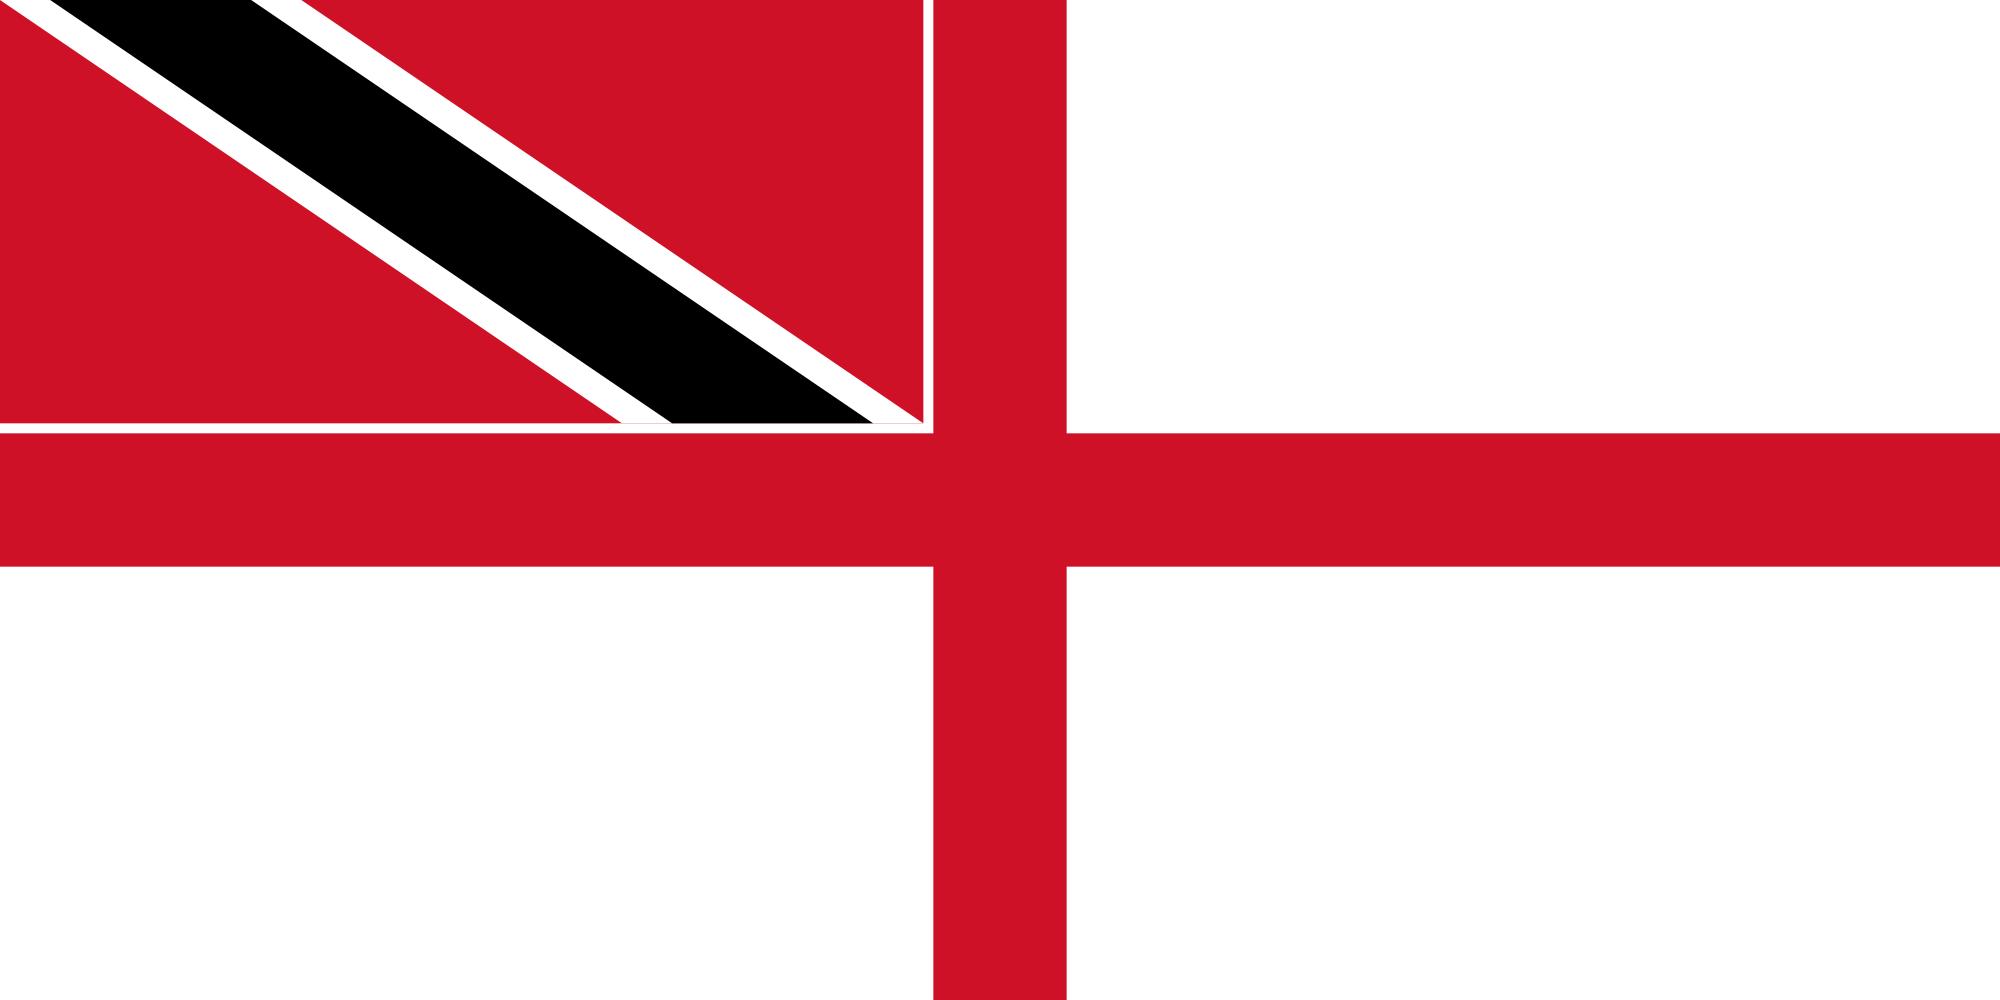 Trinidad and Tobago (Naval ensign)